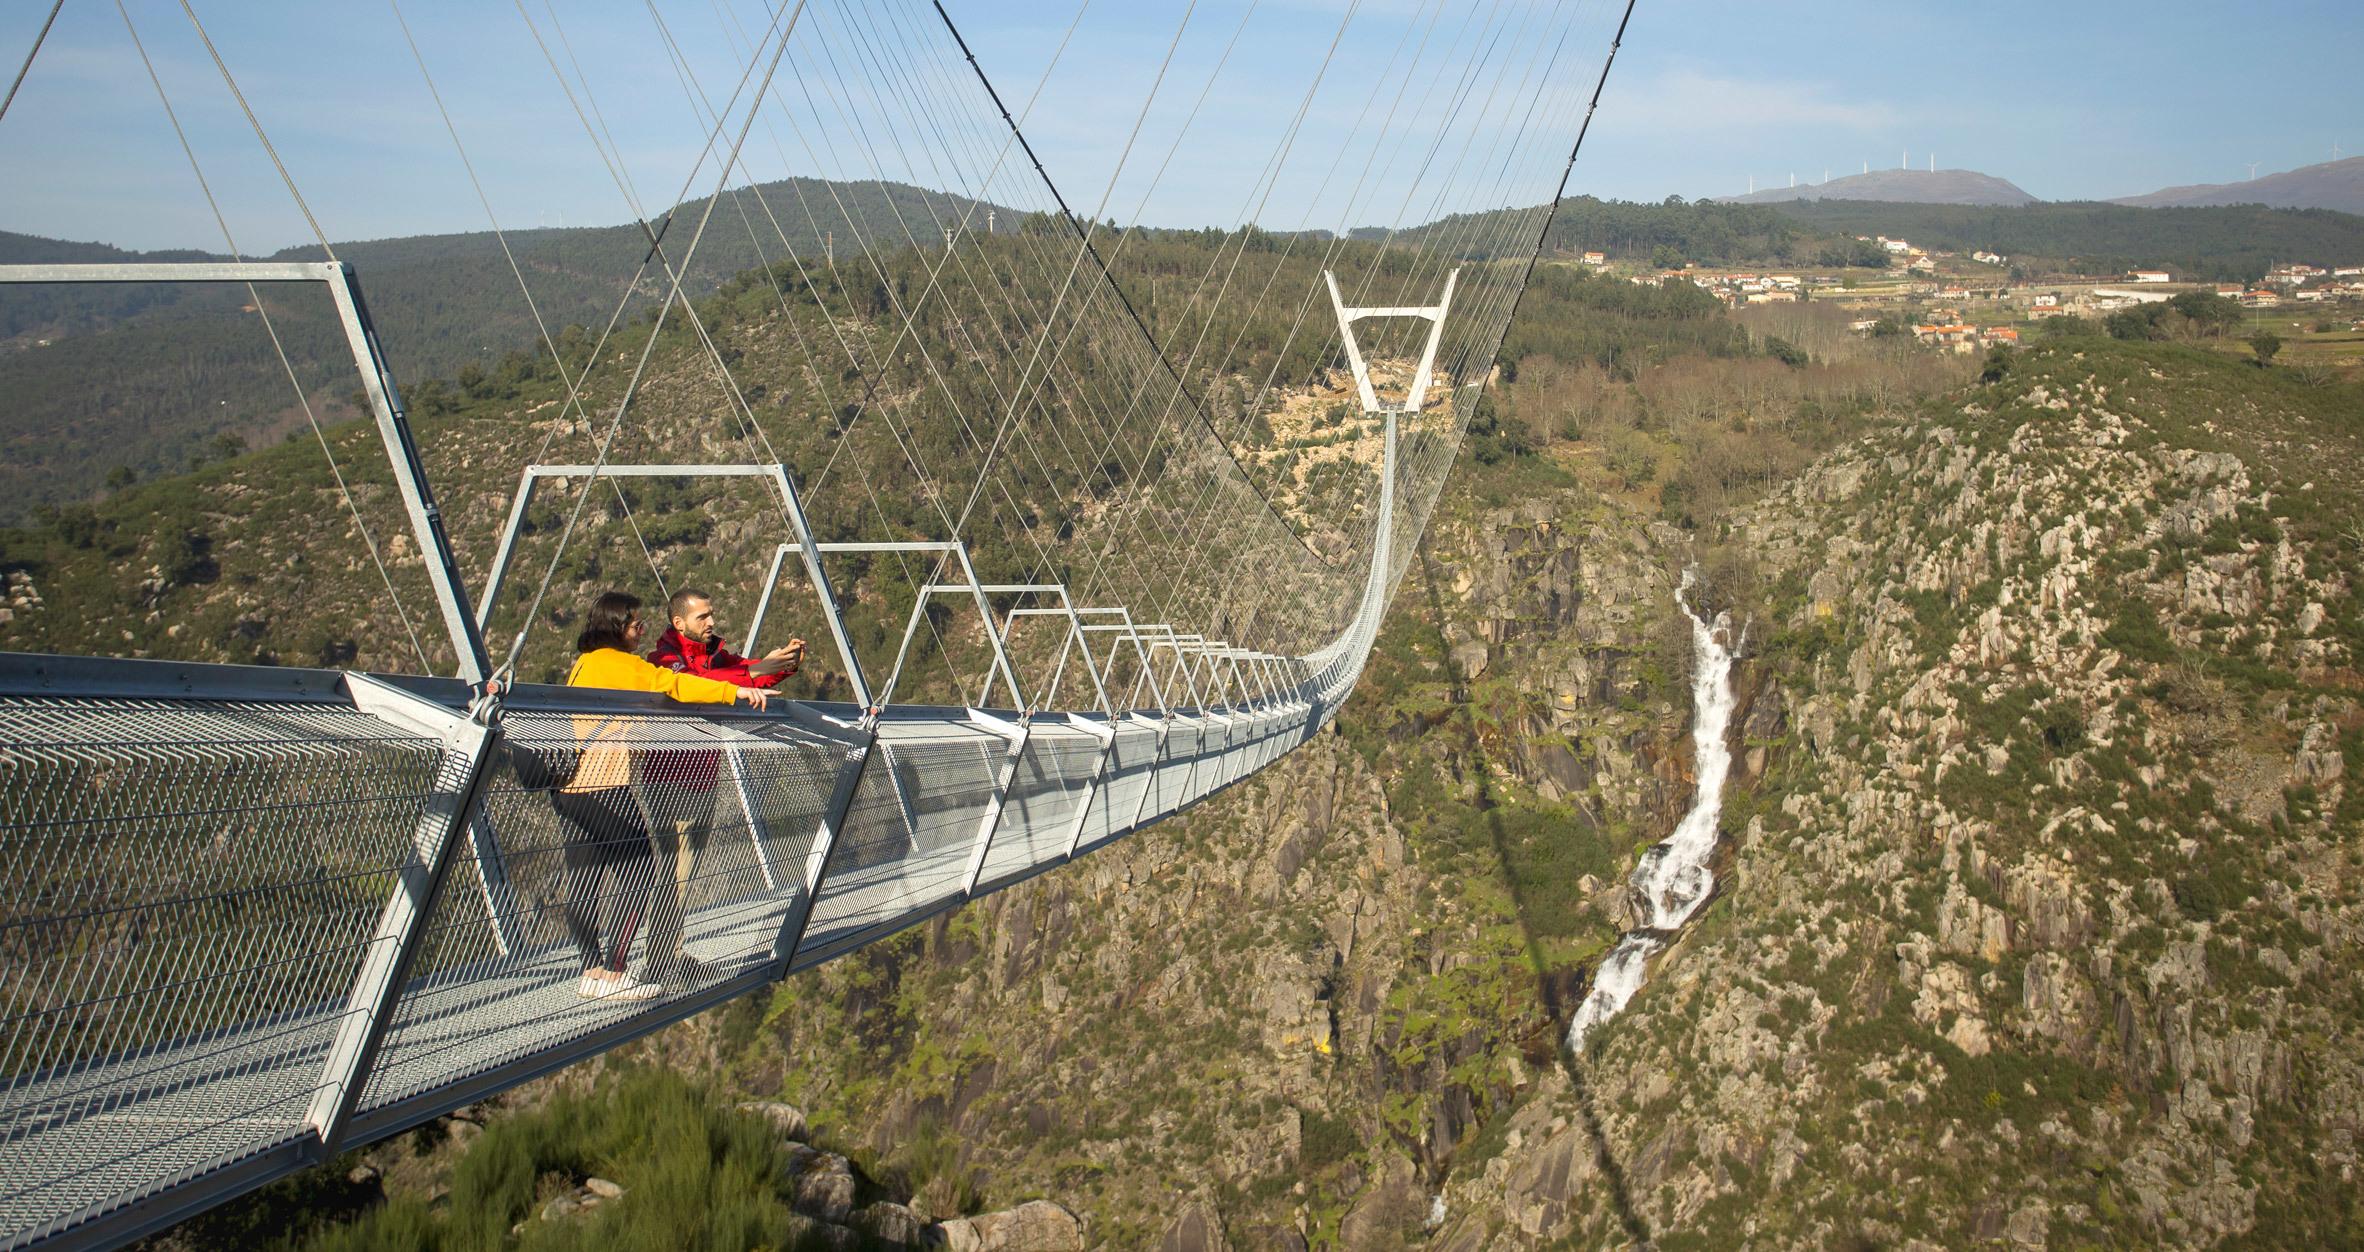 Cầu treo đi bộ dài nhất thế giới nằm vắt vẻo giữa hai ngọn đồi